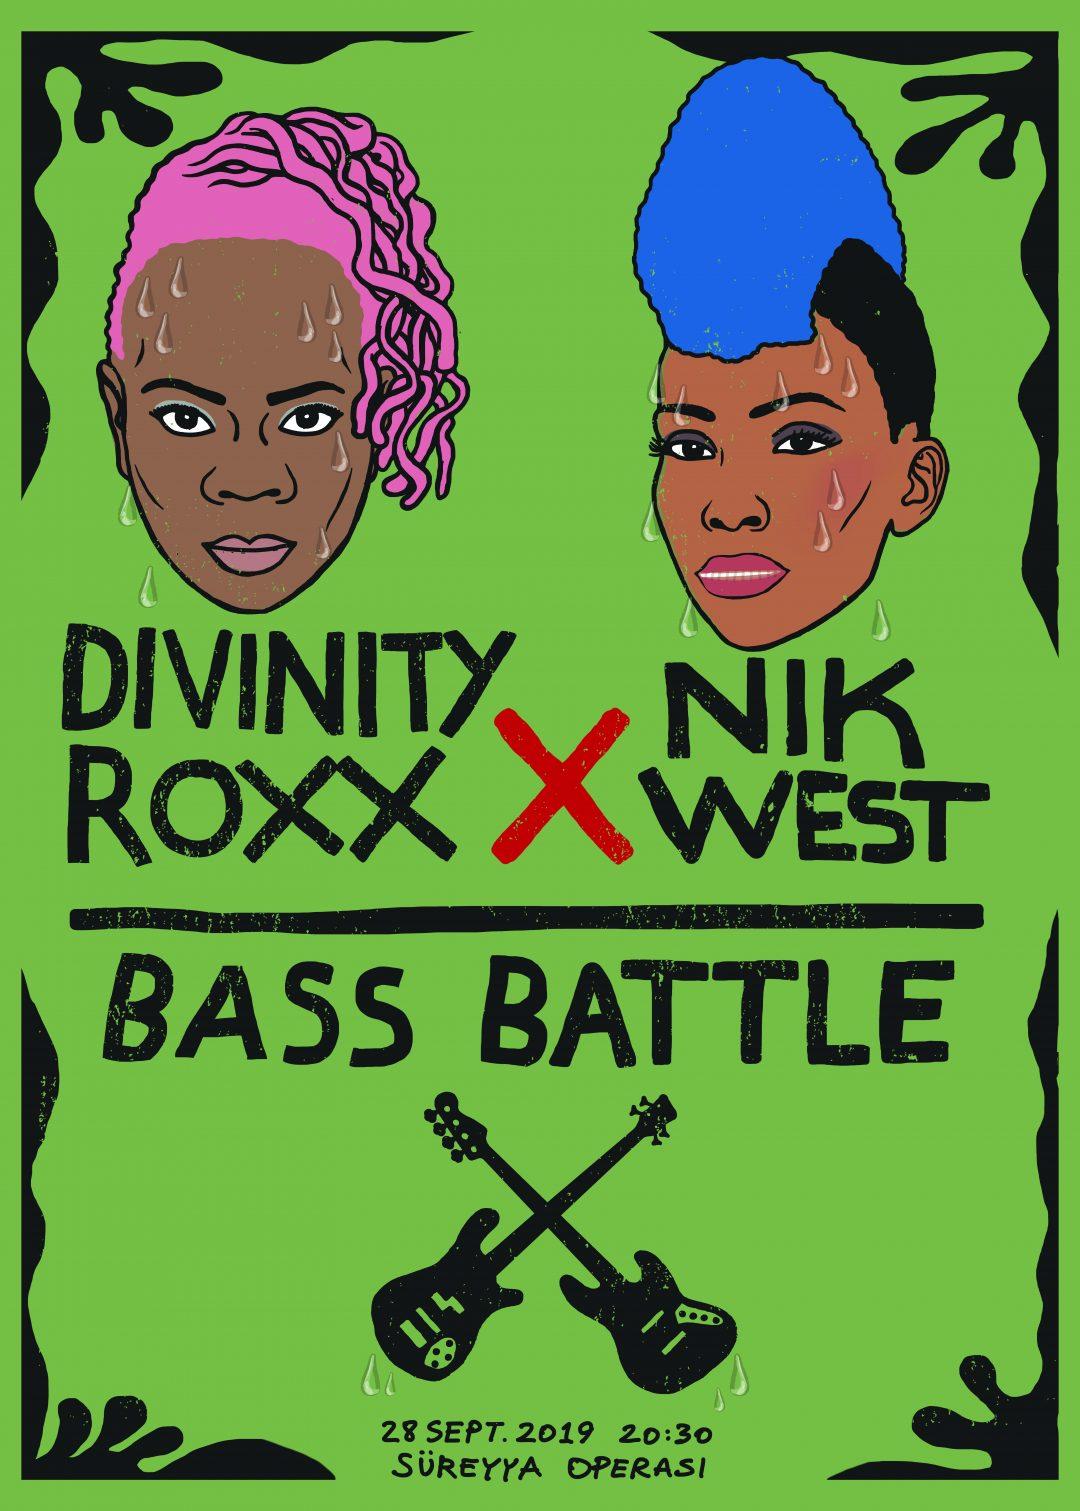 Dream Gigs Illustrated: Çağlar Bıyıkoğlu - Divinity Roxx vs. Nik West @ Süreyya Operası